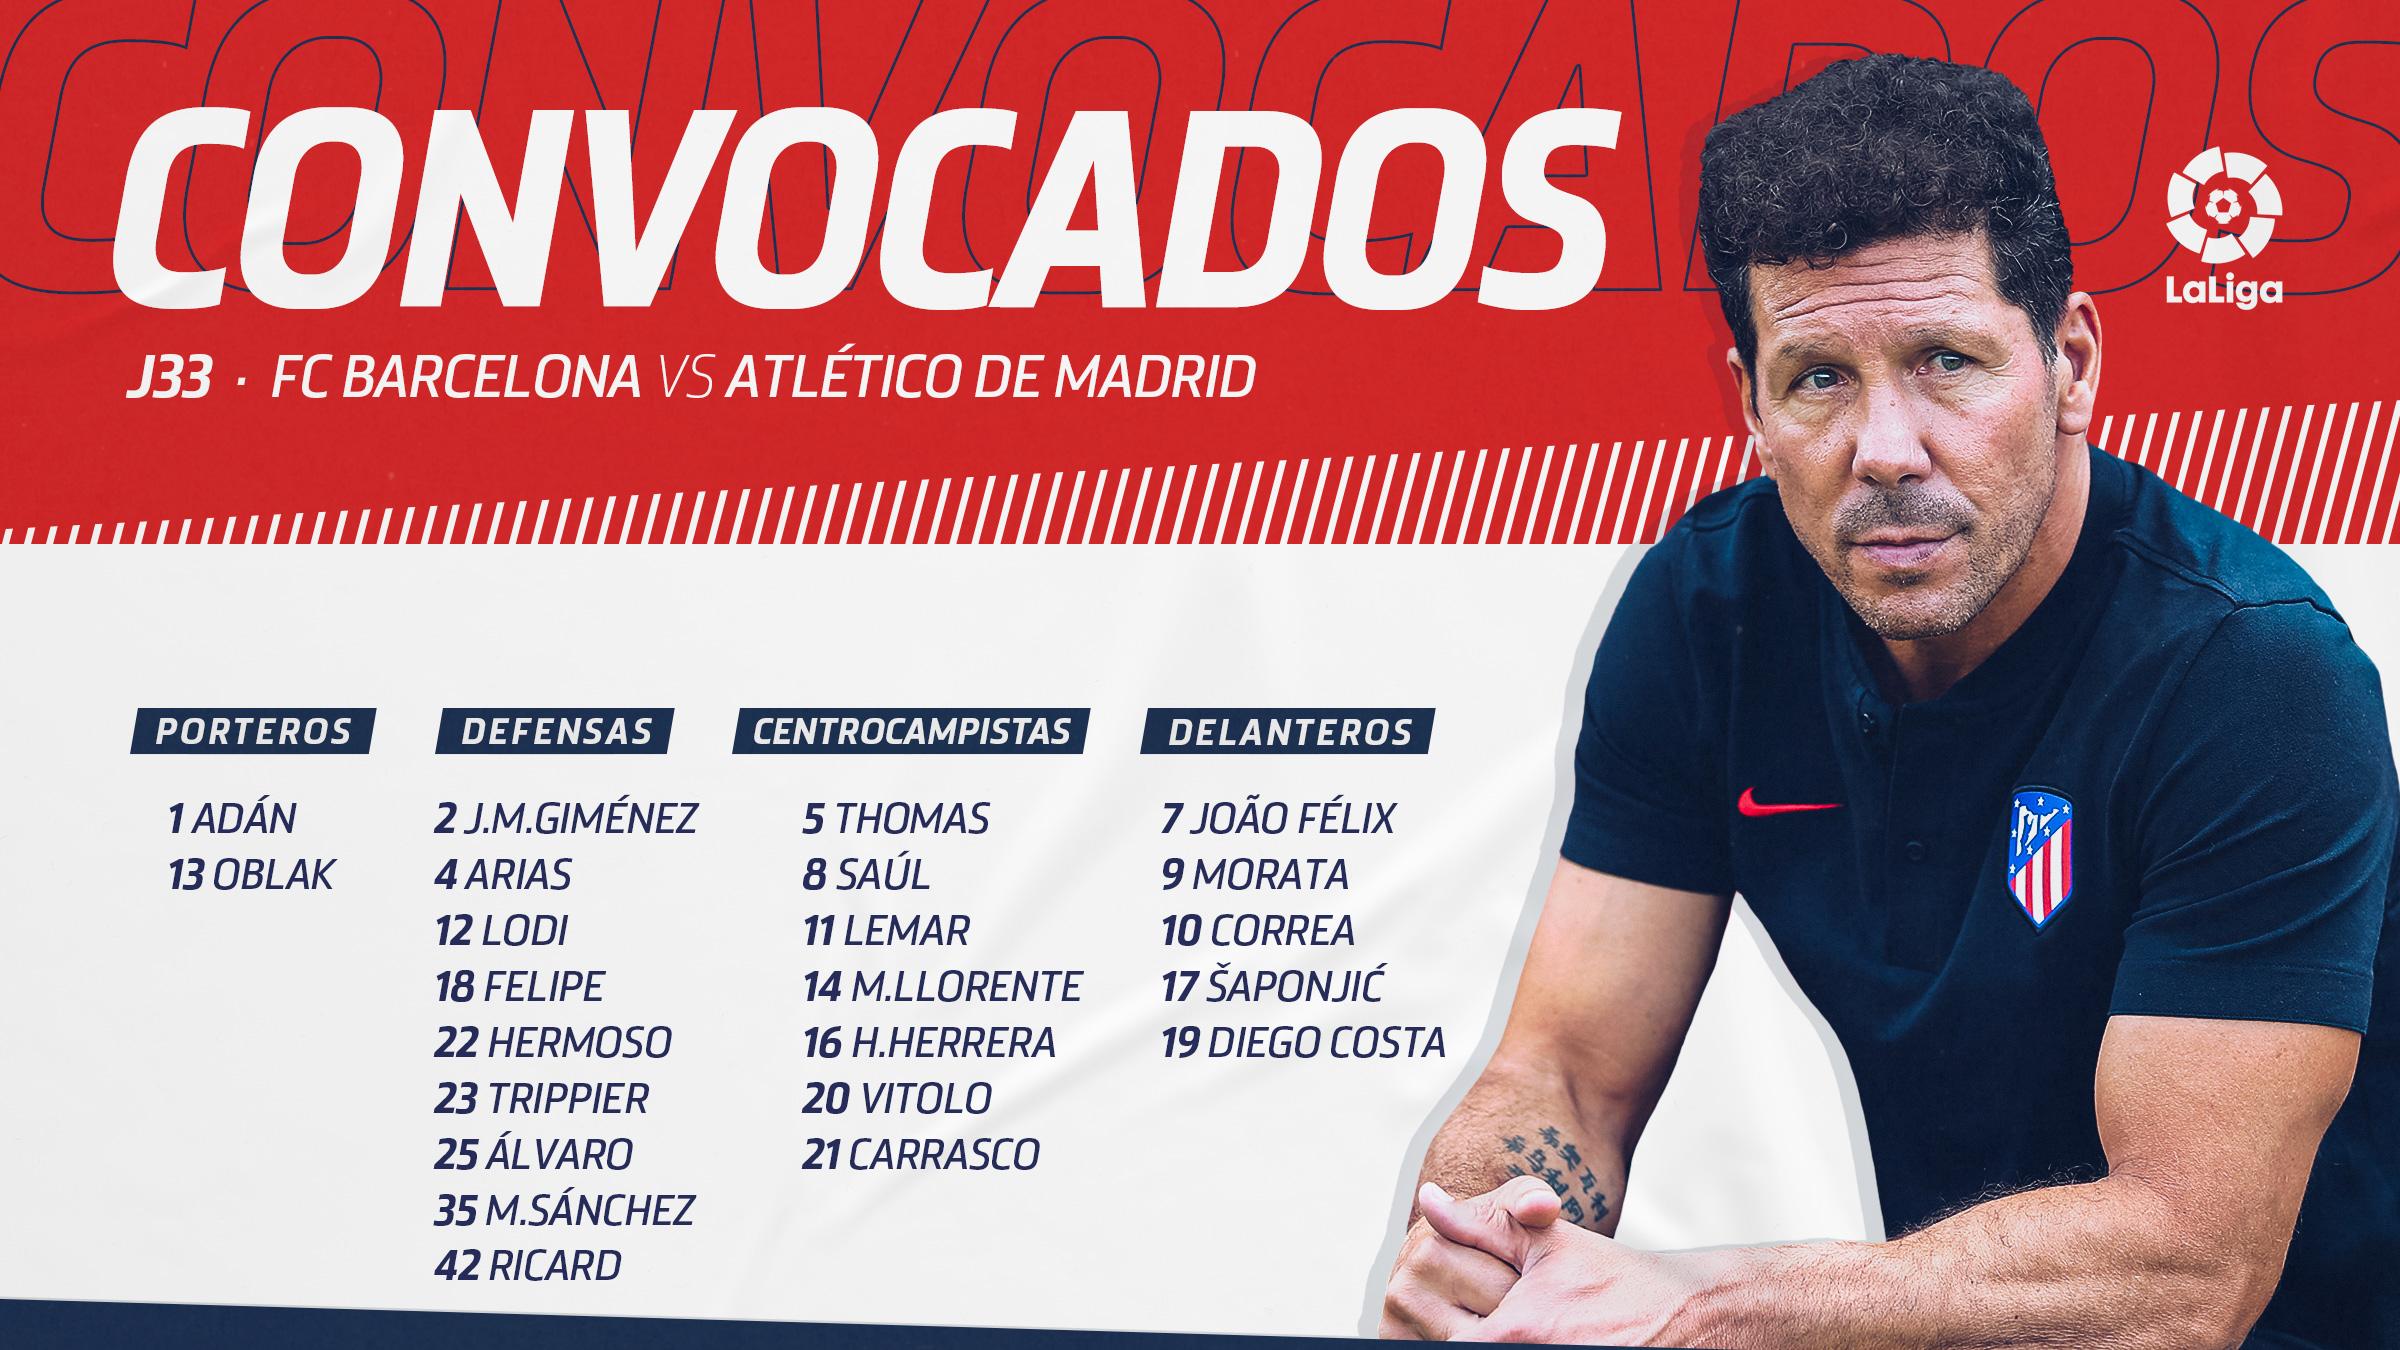 La convocatoria del Atlético de Madrid ante el Barcelona.